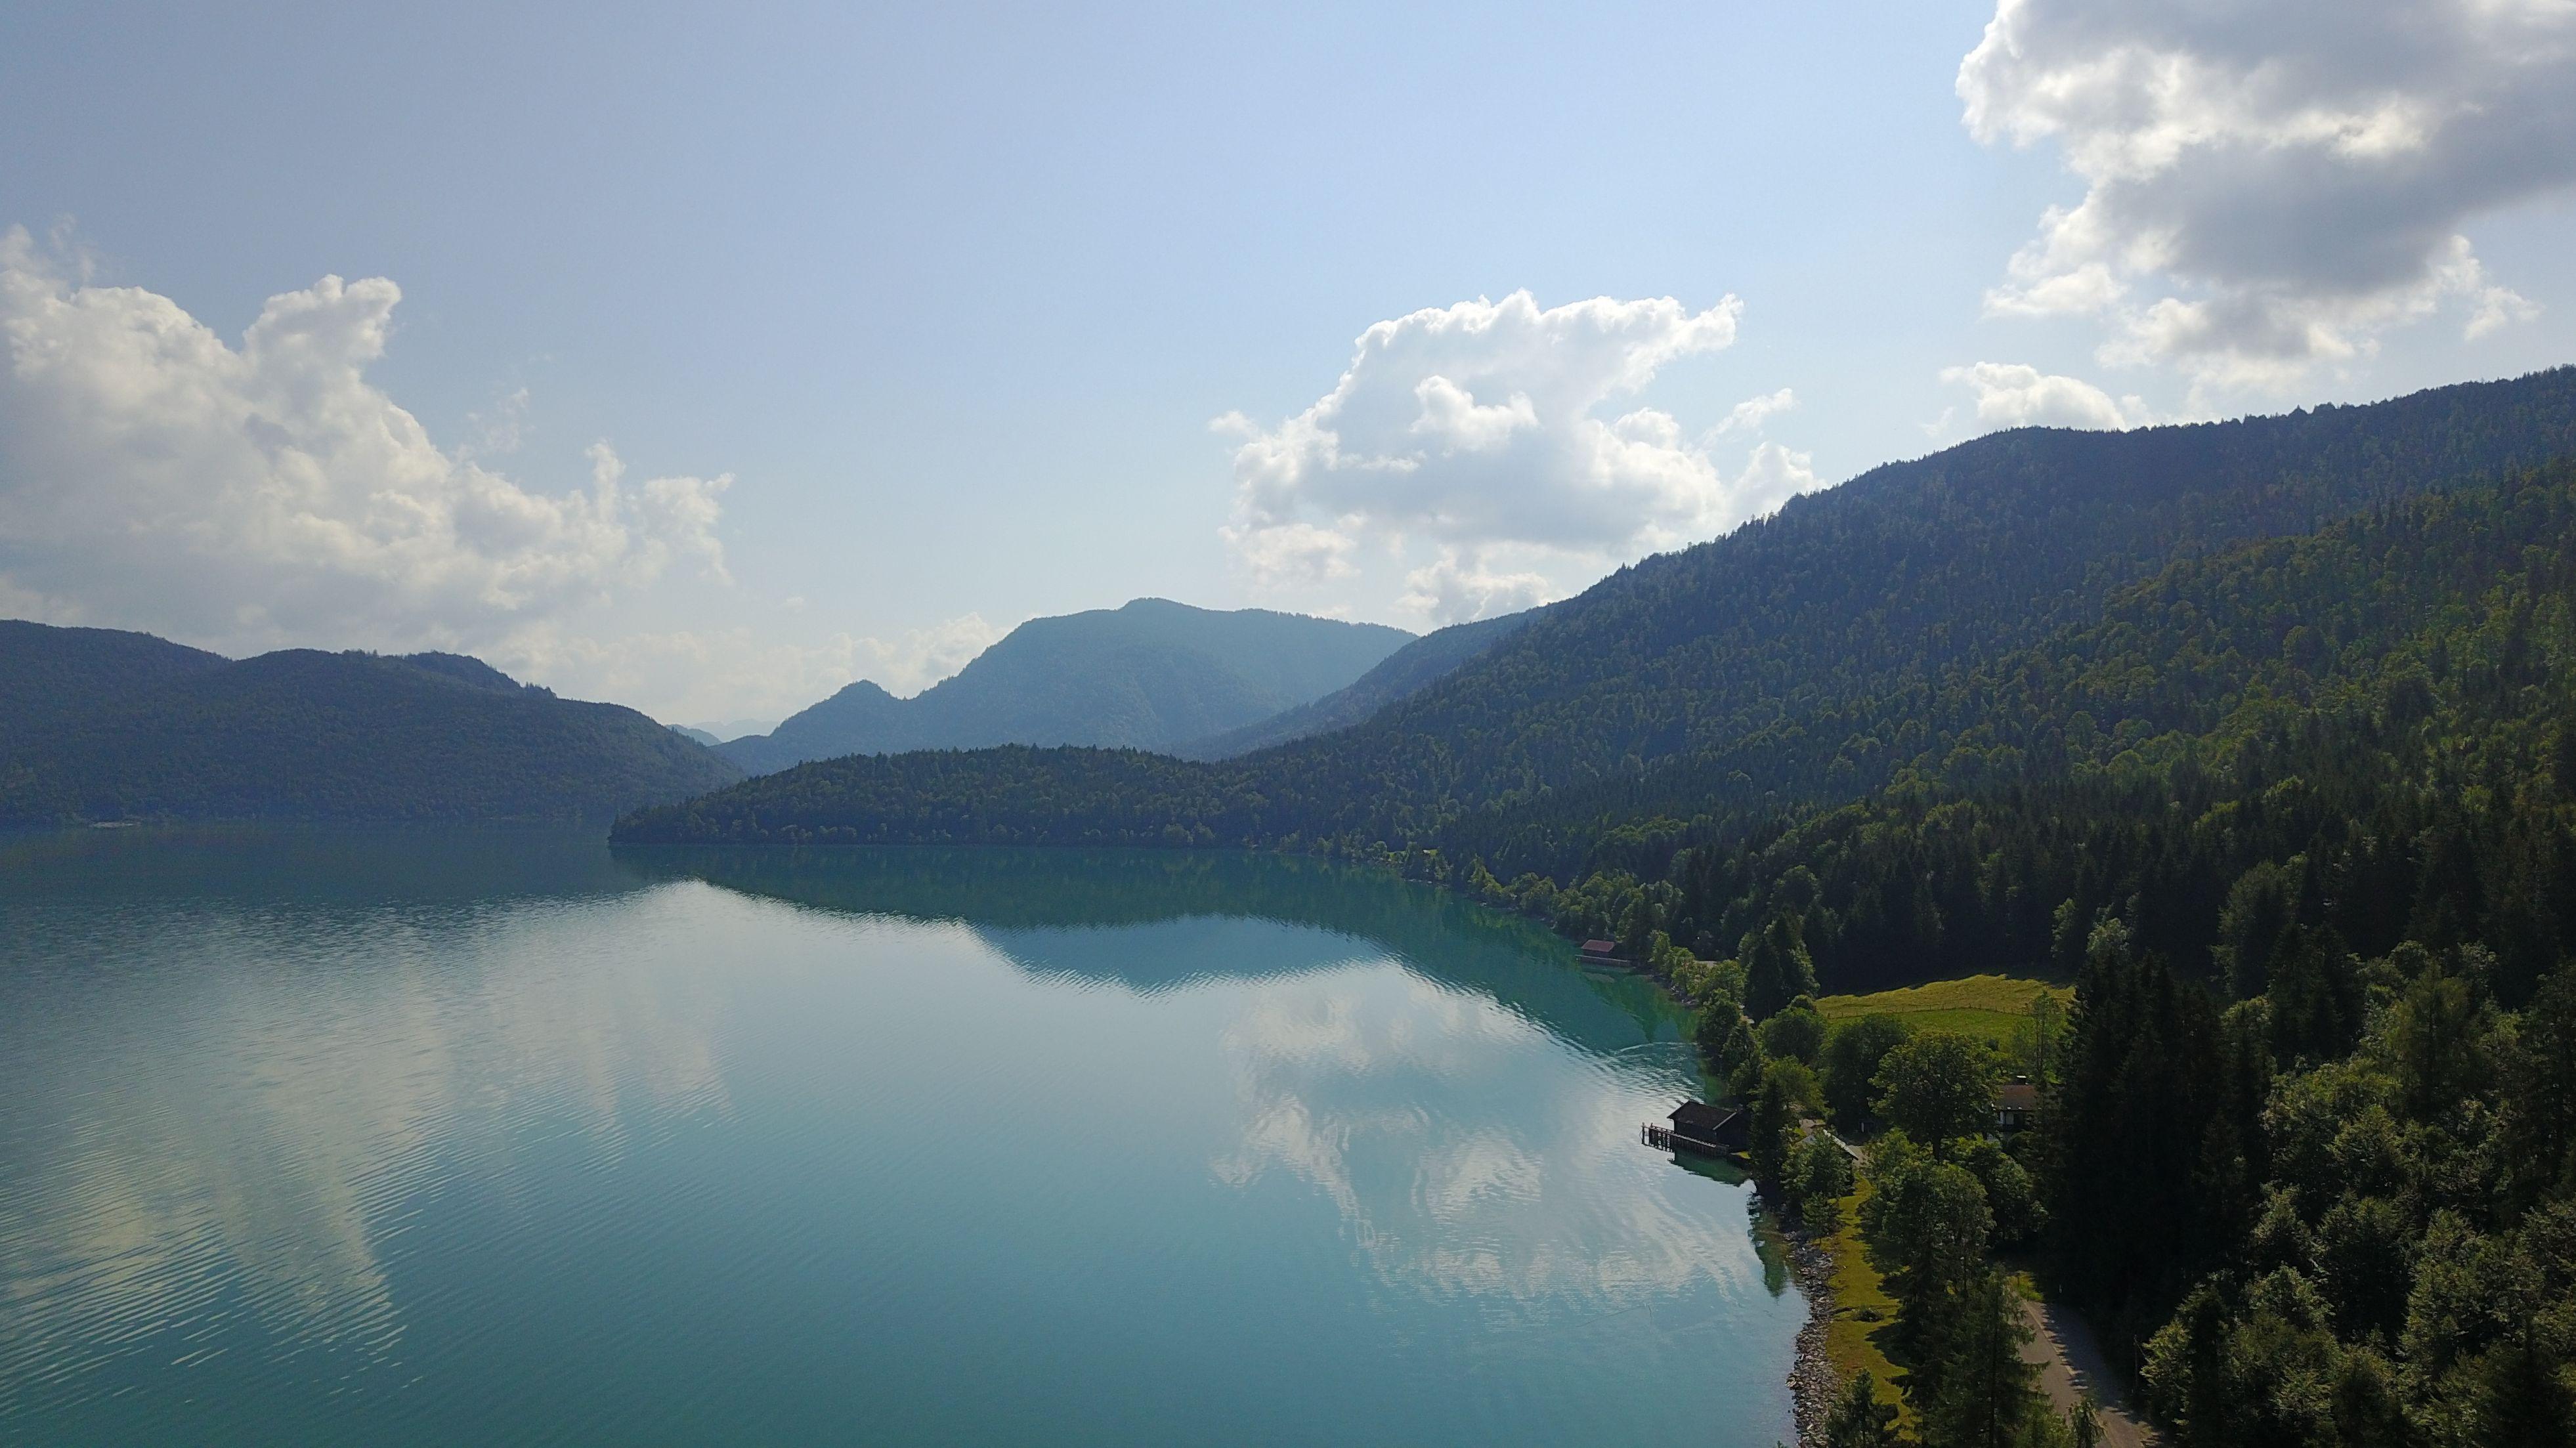 Blick von oben auf den Walchensee mit nahezu spiegelglatter Wasseroberfläche